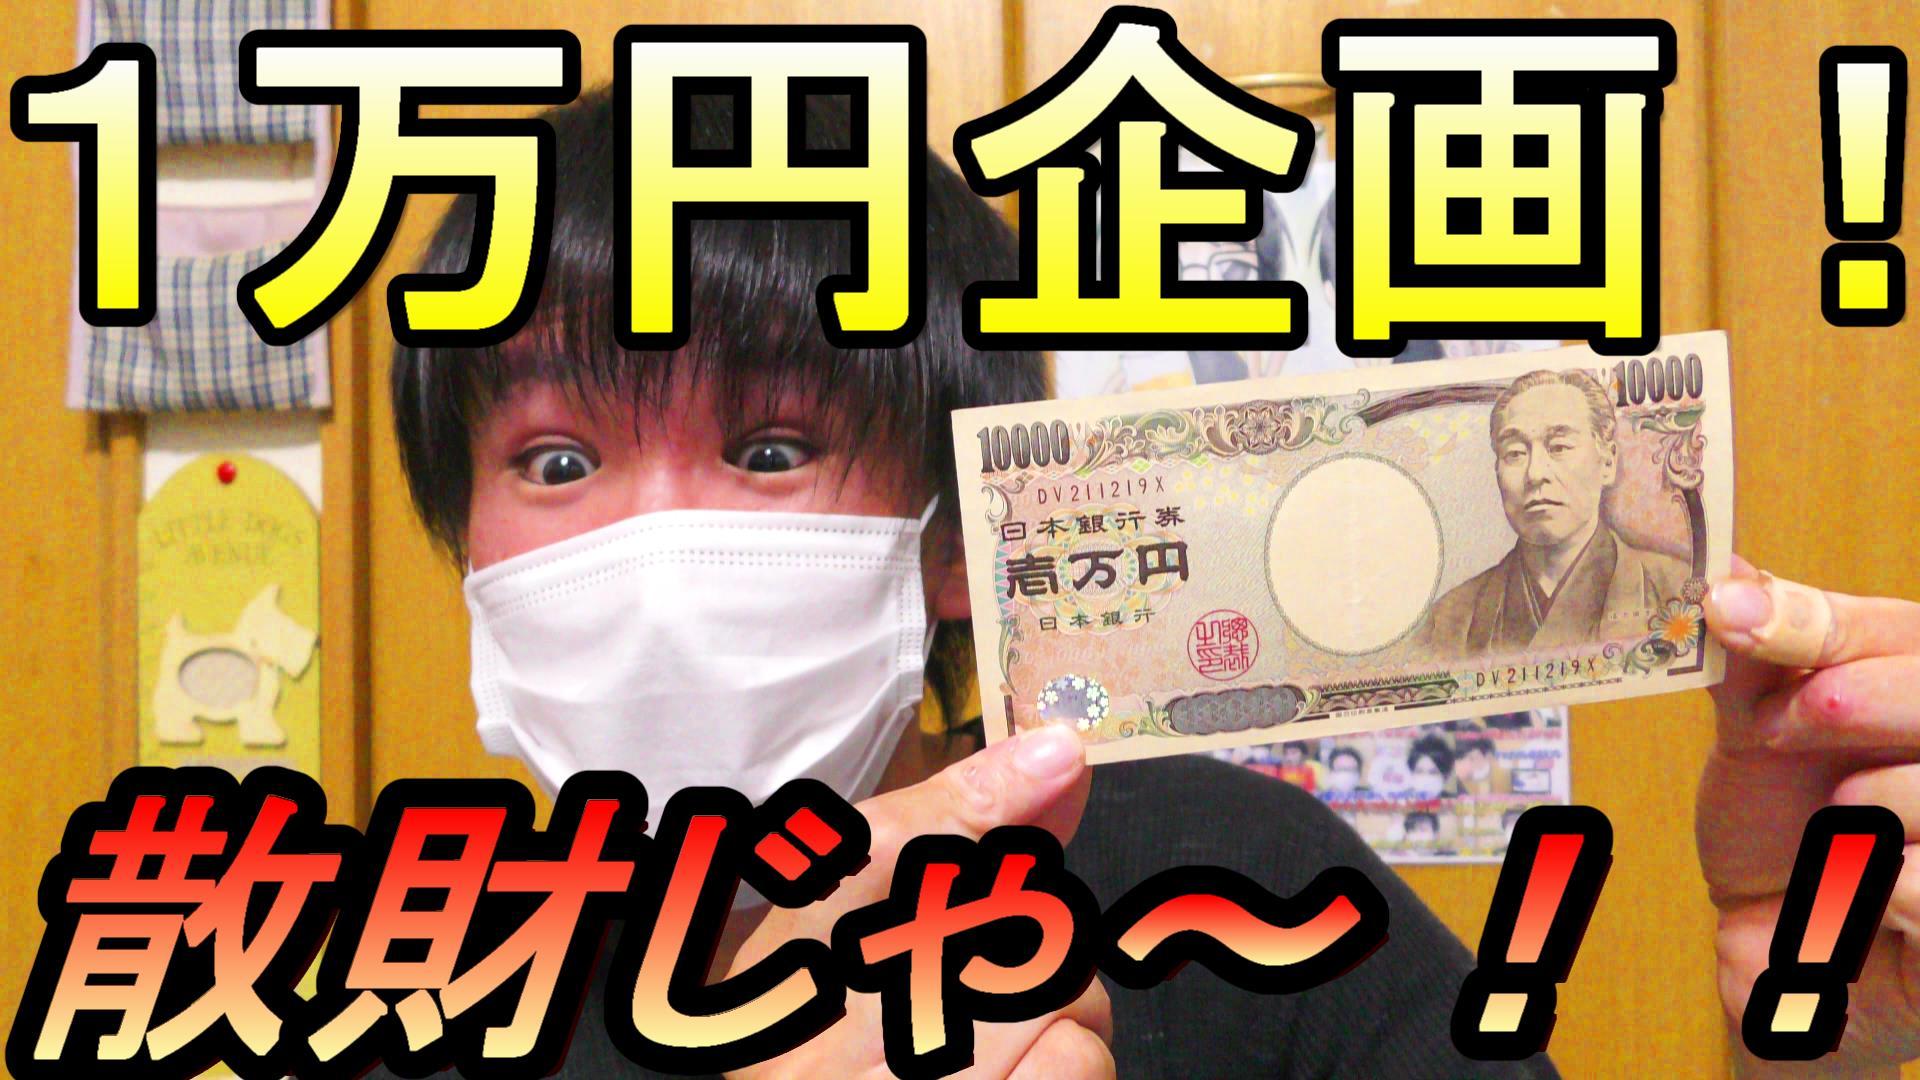 1万円企画をしてみました(笑)動画から収益を得られていない私にはかなりの出費(笑)(笑)